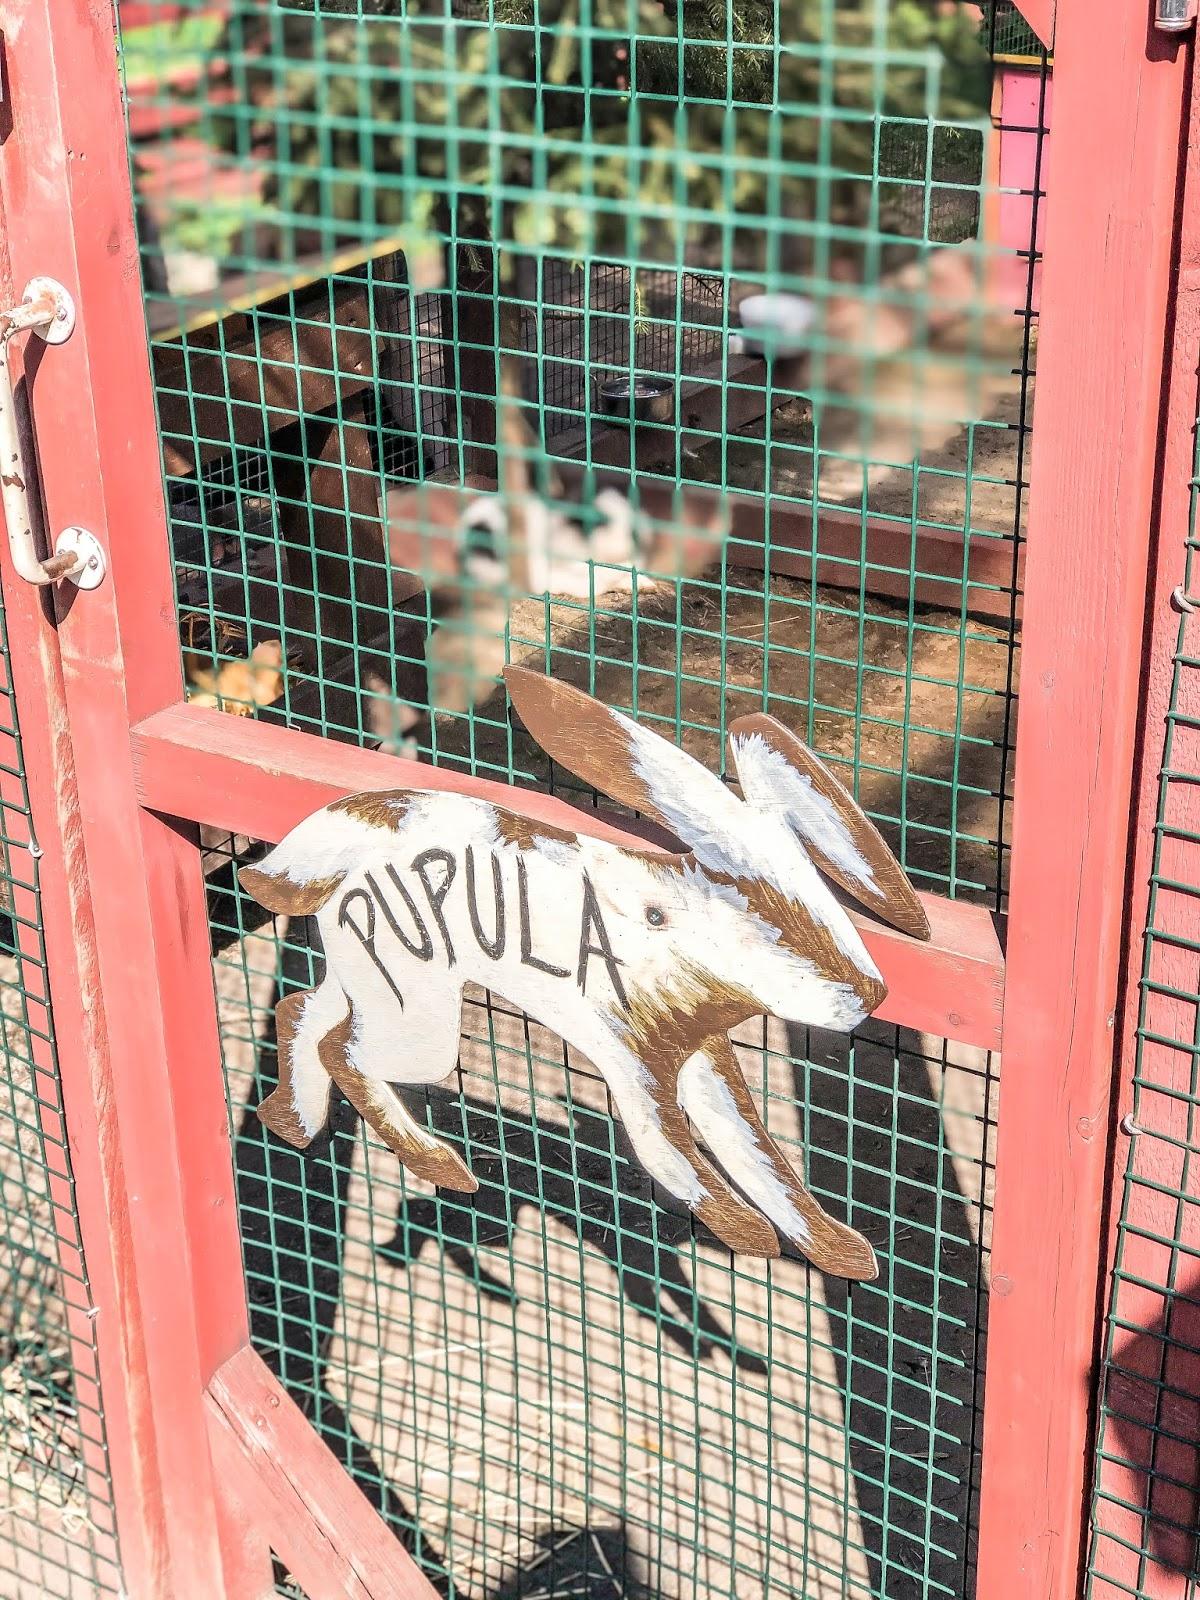 Yli-Marolan 4H-kotieläinpihalla